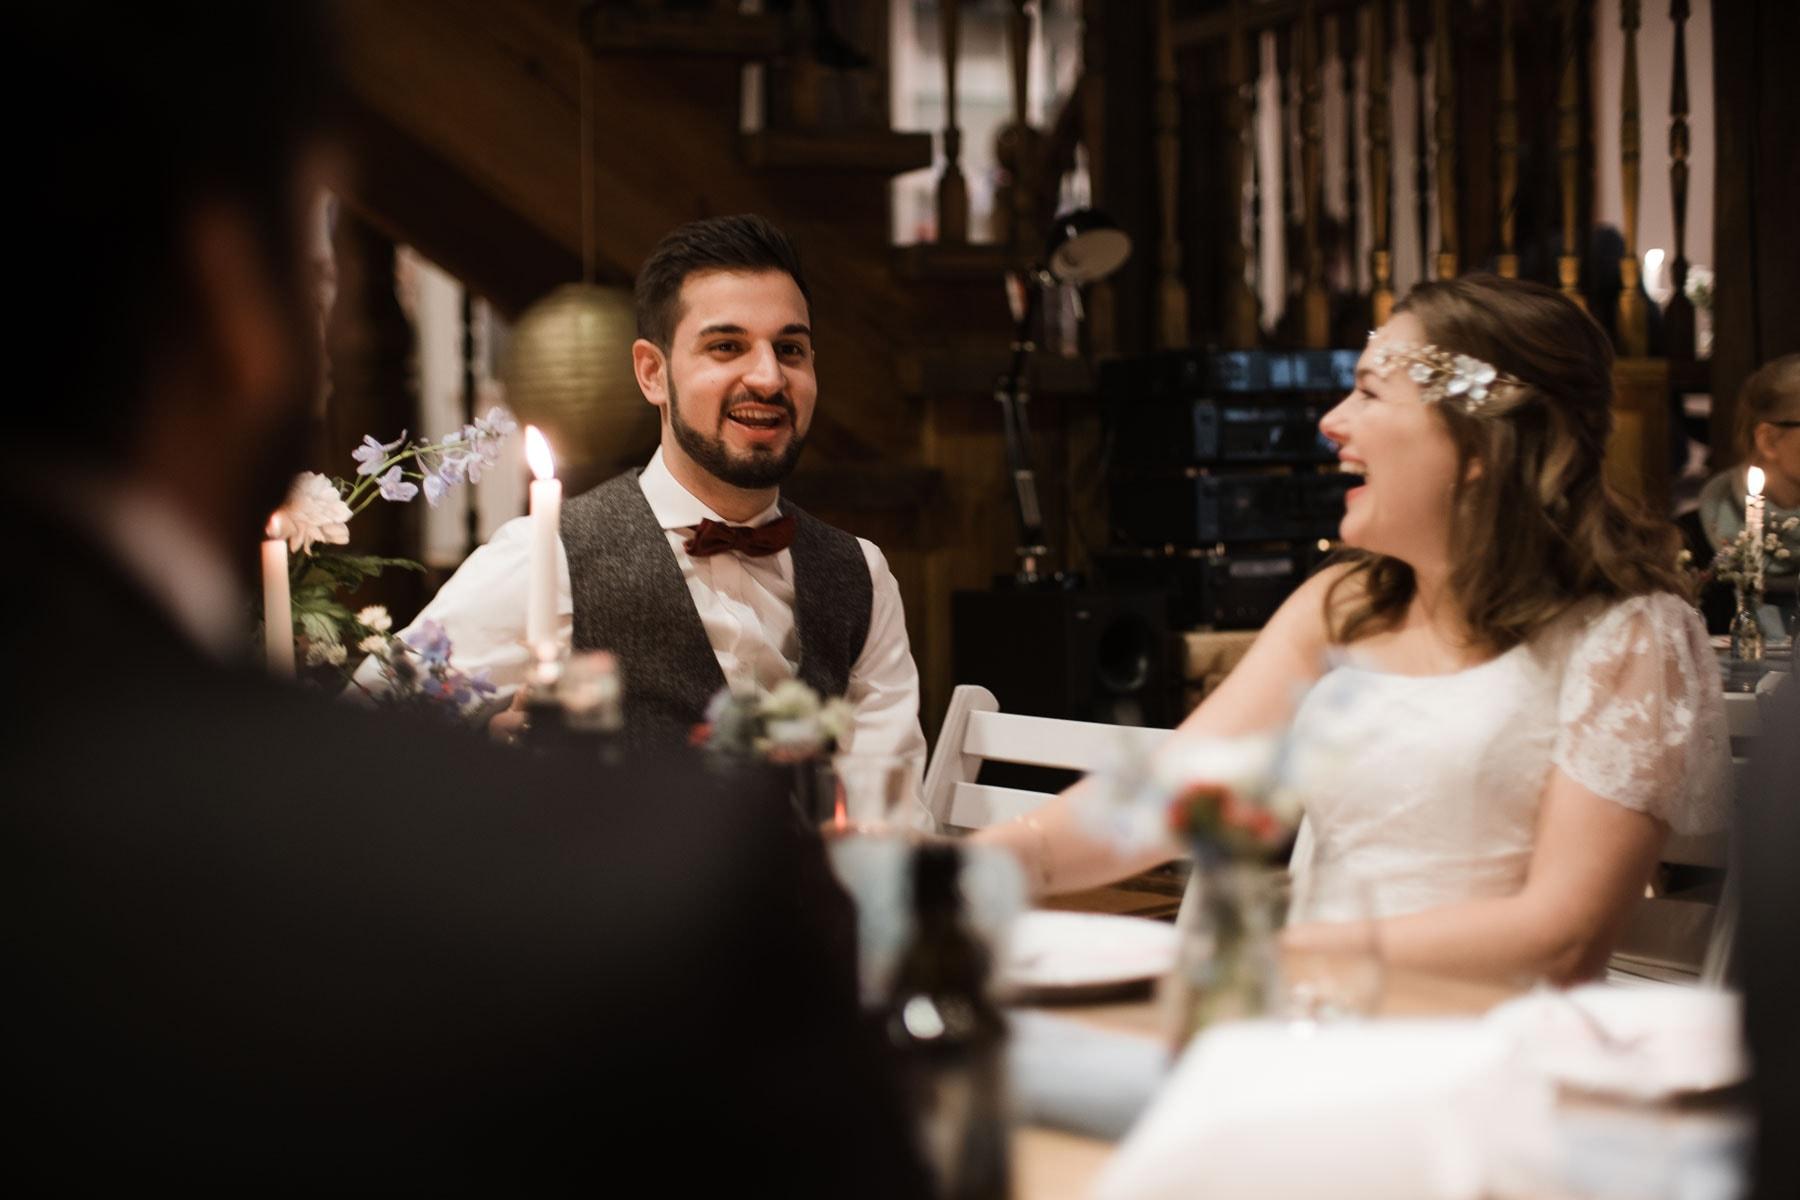 das Brautpaar sitzt an einem Tich in einem Zimmer in einem Landhaus, sie schauen sich an und lachen